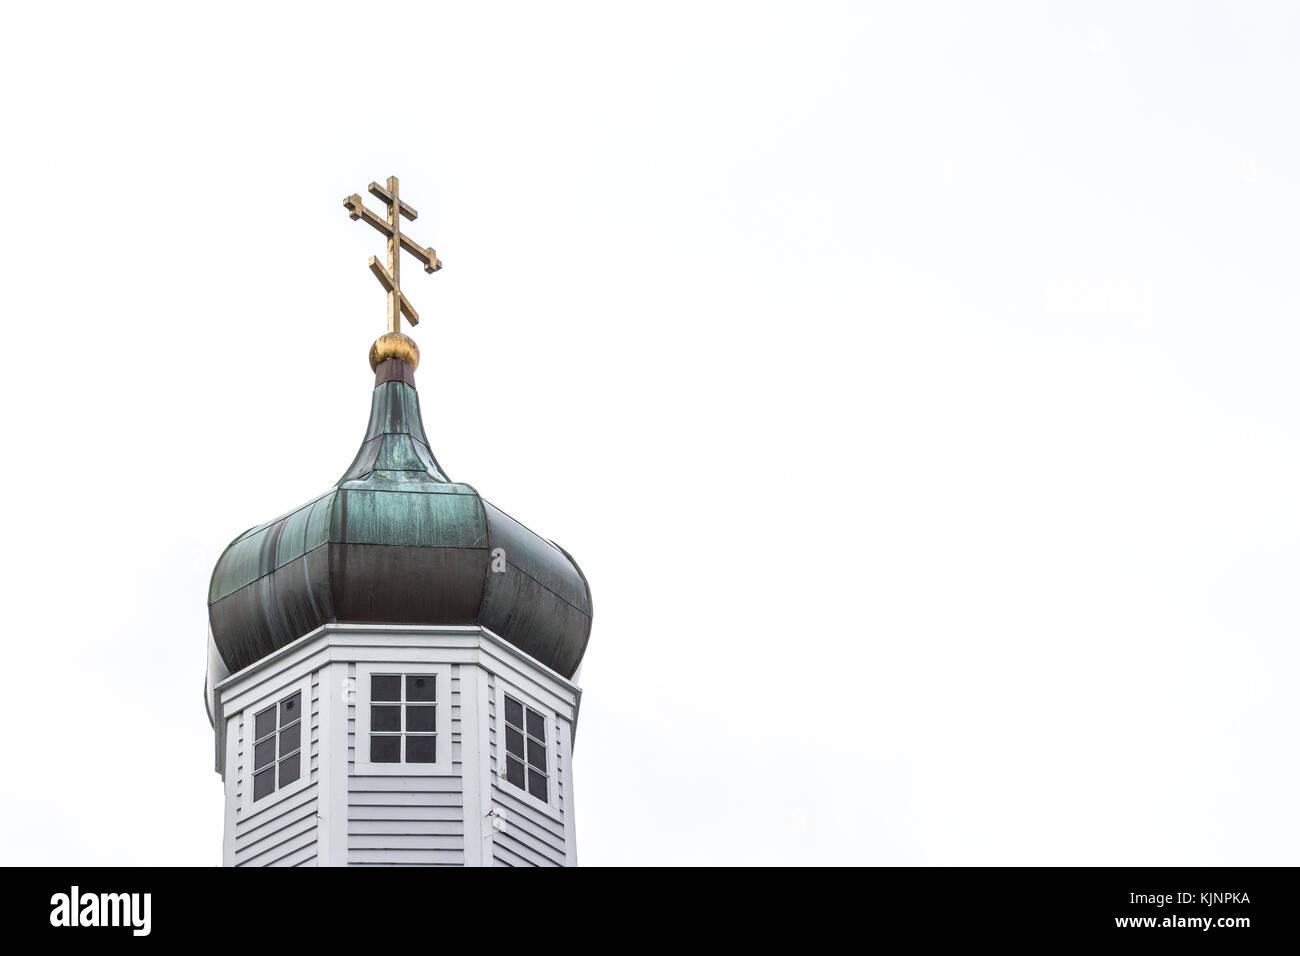 Sitka, Alaska, EE.UU. - Agosto 20, 2017: la catedral de San Miguel Arcángel colocados en las calles de Lincoln y matsoutoff en Sitka, Alaska. Foto de stock